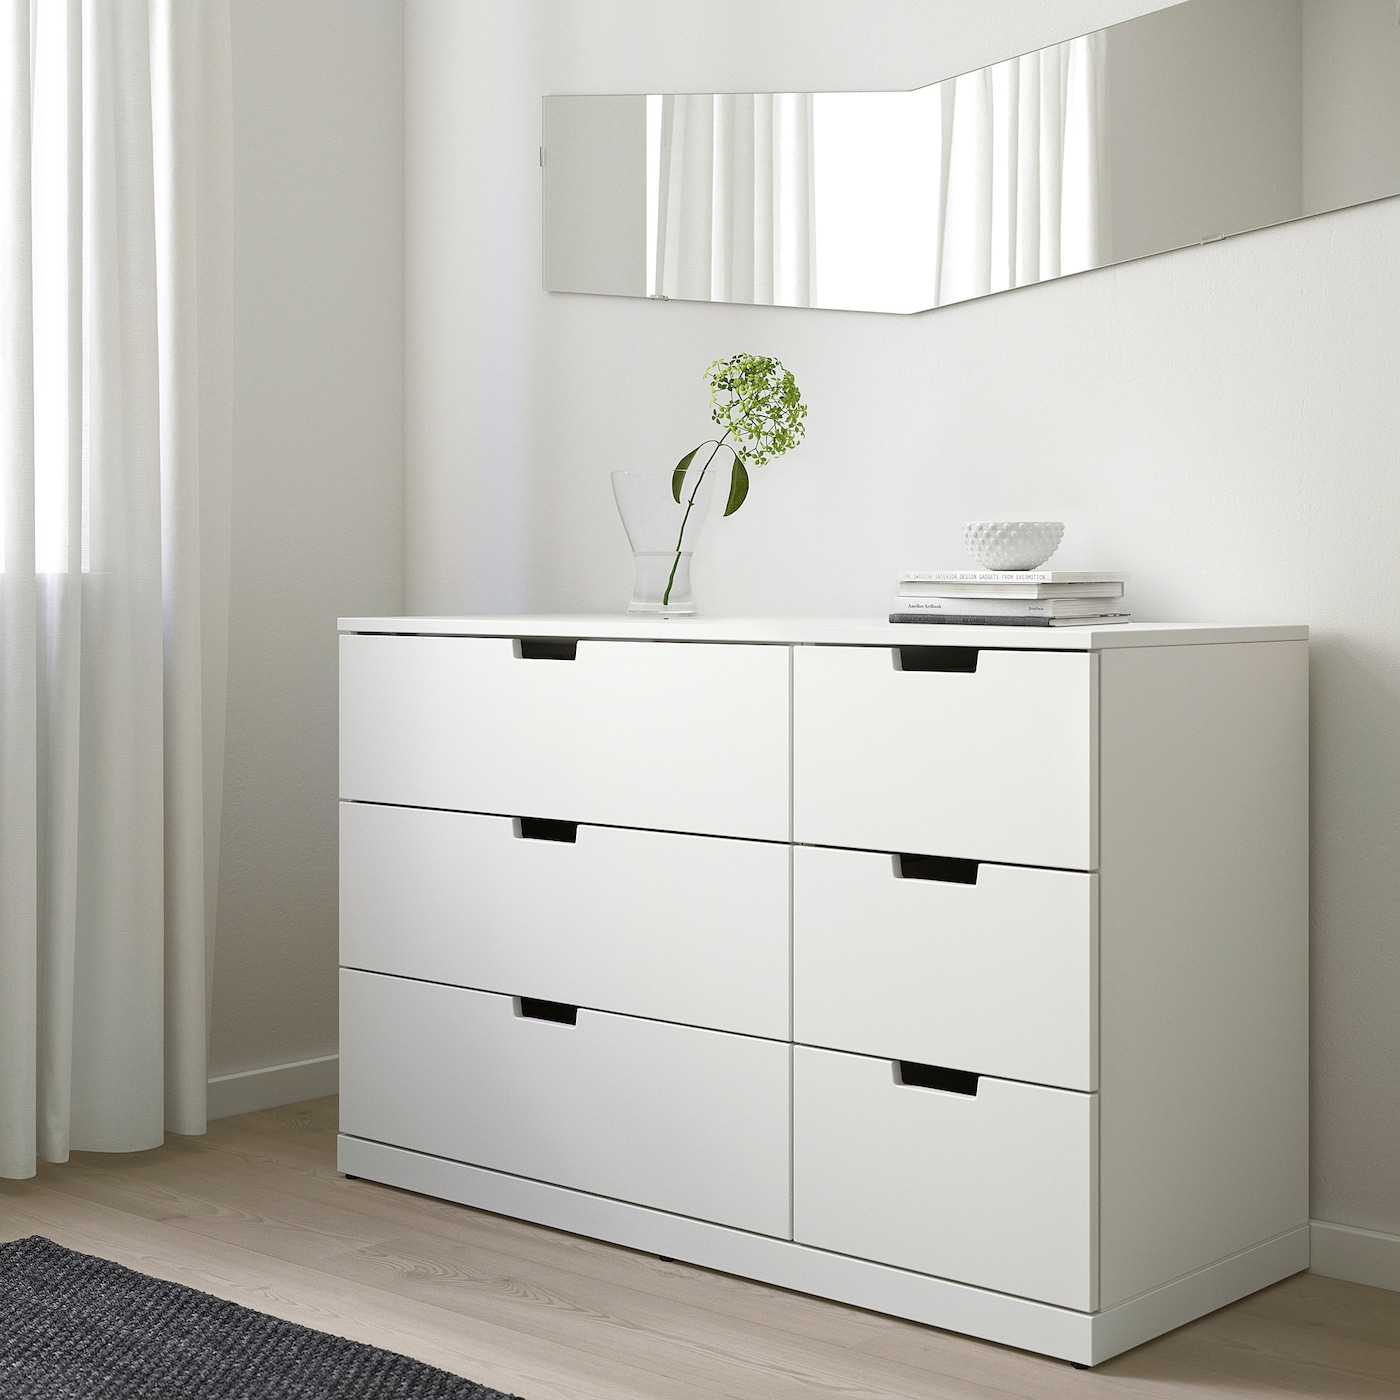 """NORDLI 6-drawer dresser white 47 1/4 """" 18 1/2 """" 29 7/8 """" 15 3/8 """""""